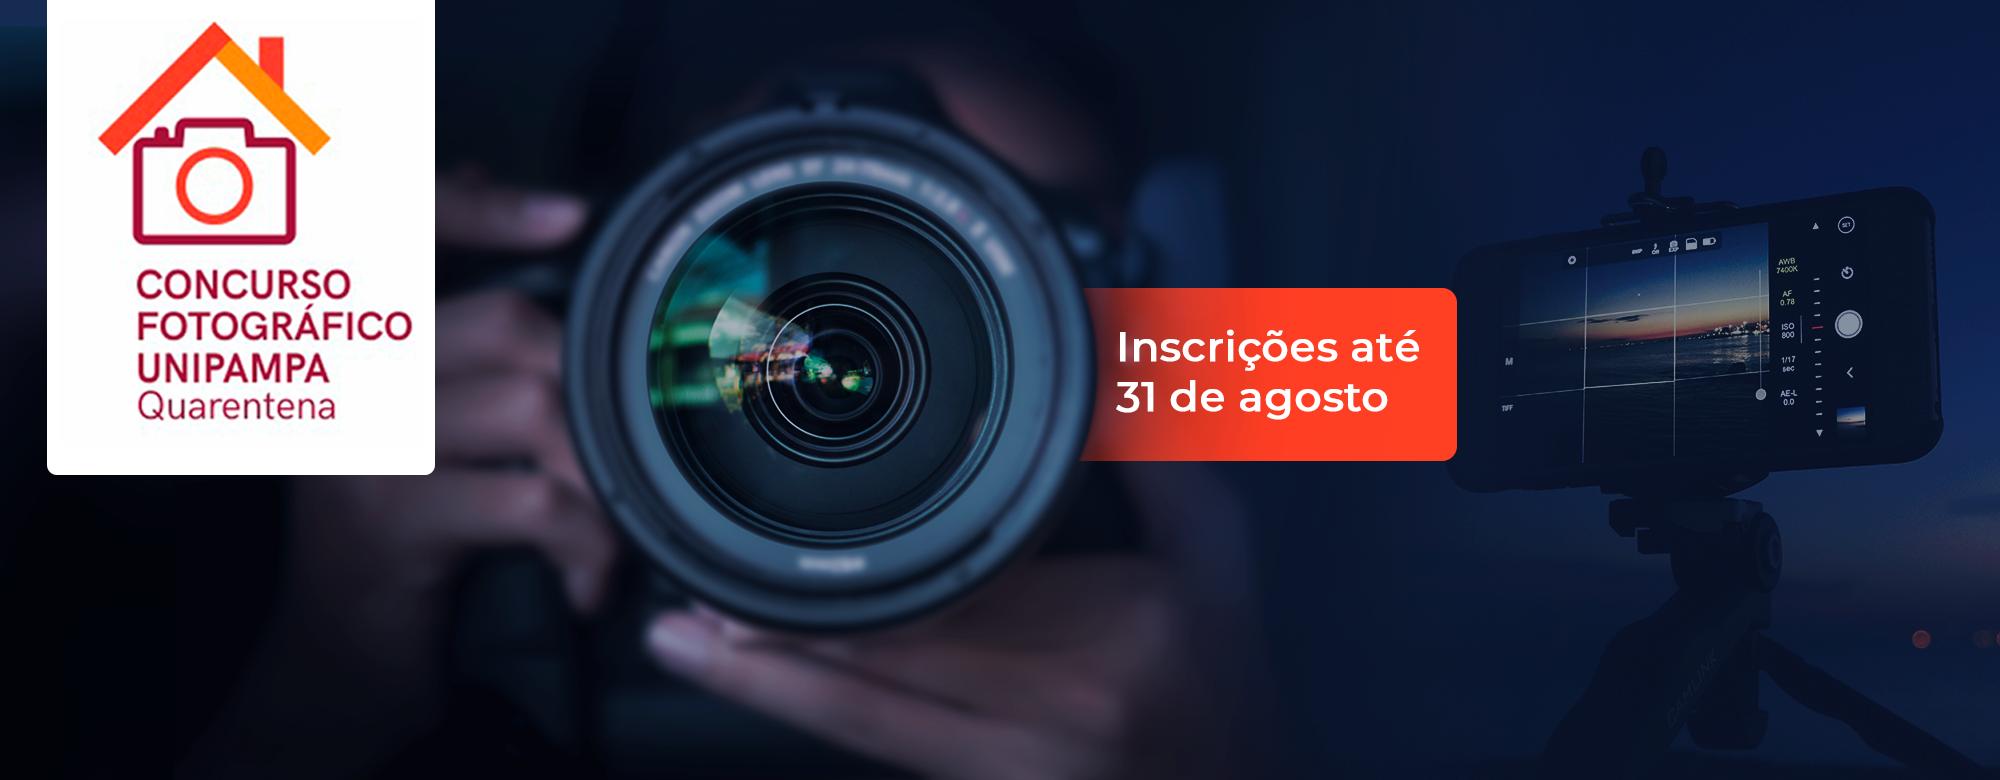 Concurso Fotográfico Unipampa Quarentena - Inscrições até 31 de Agosto